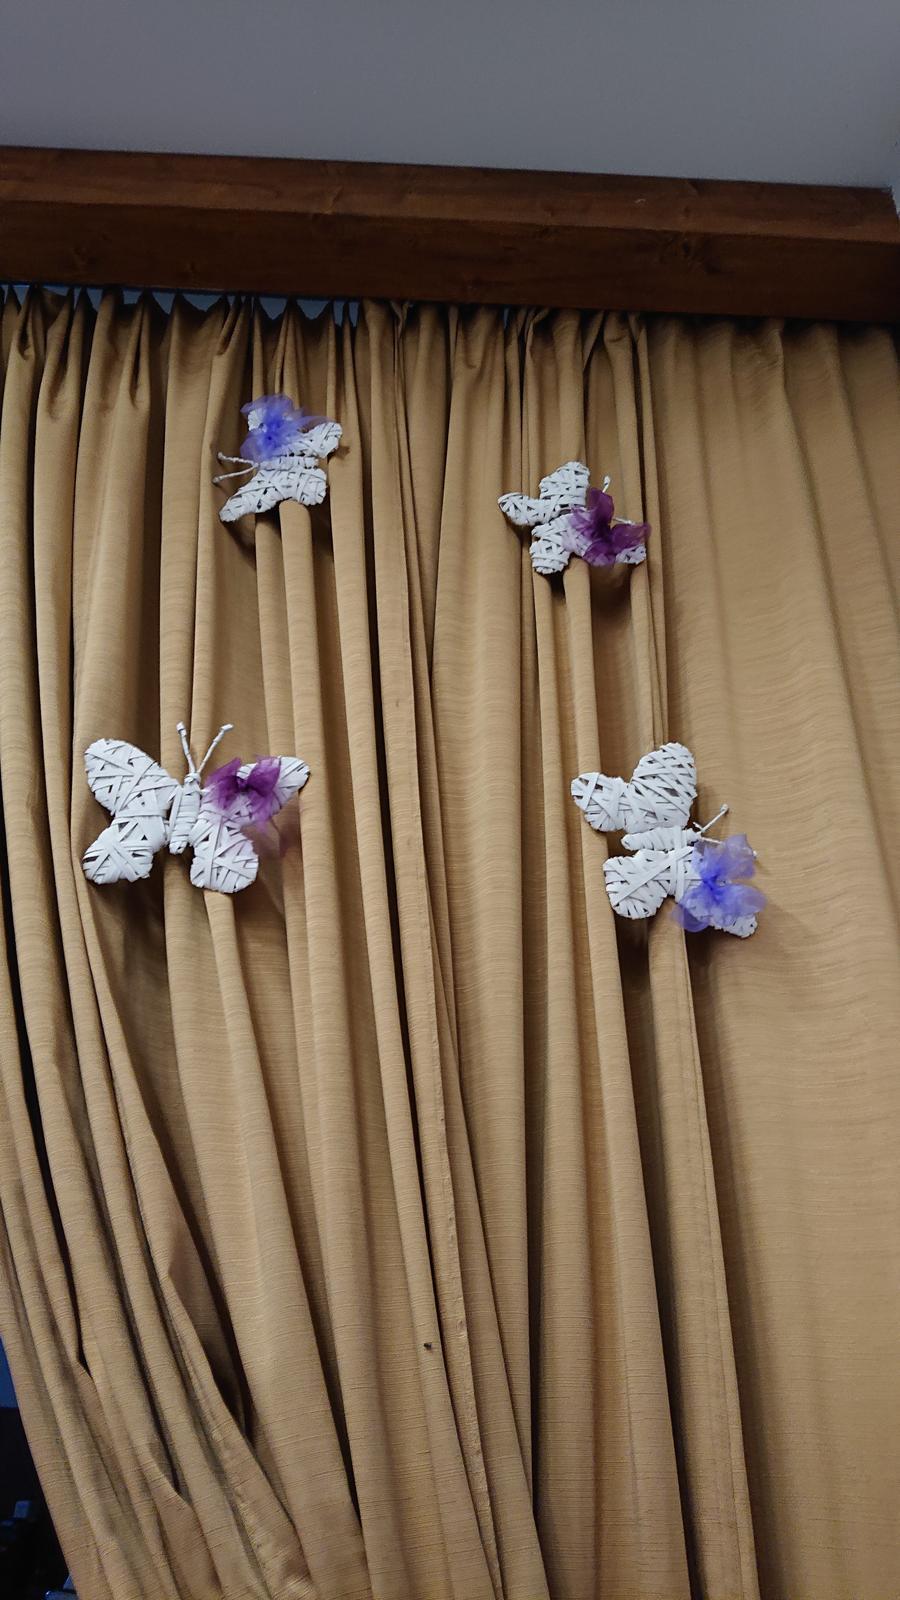 Motýli z ratanu  - Obrázek č. 3